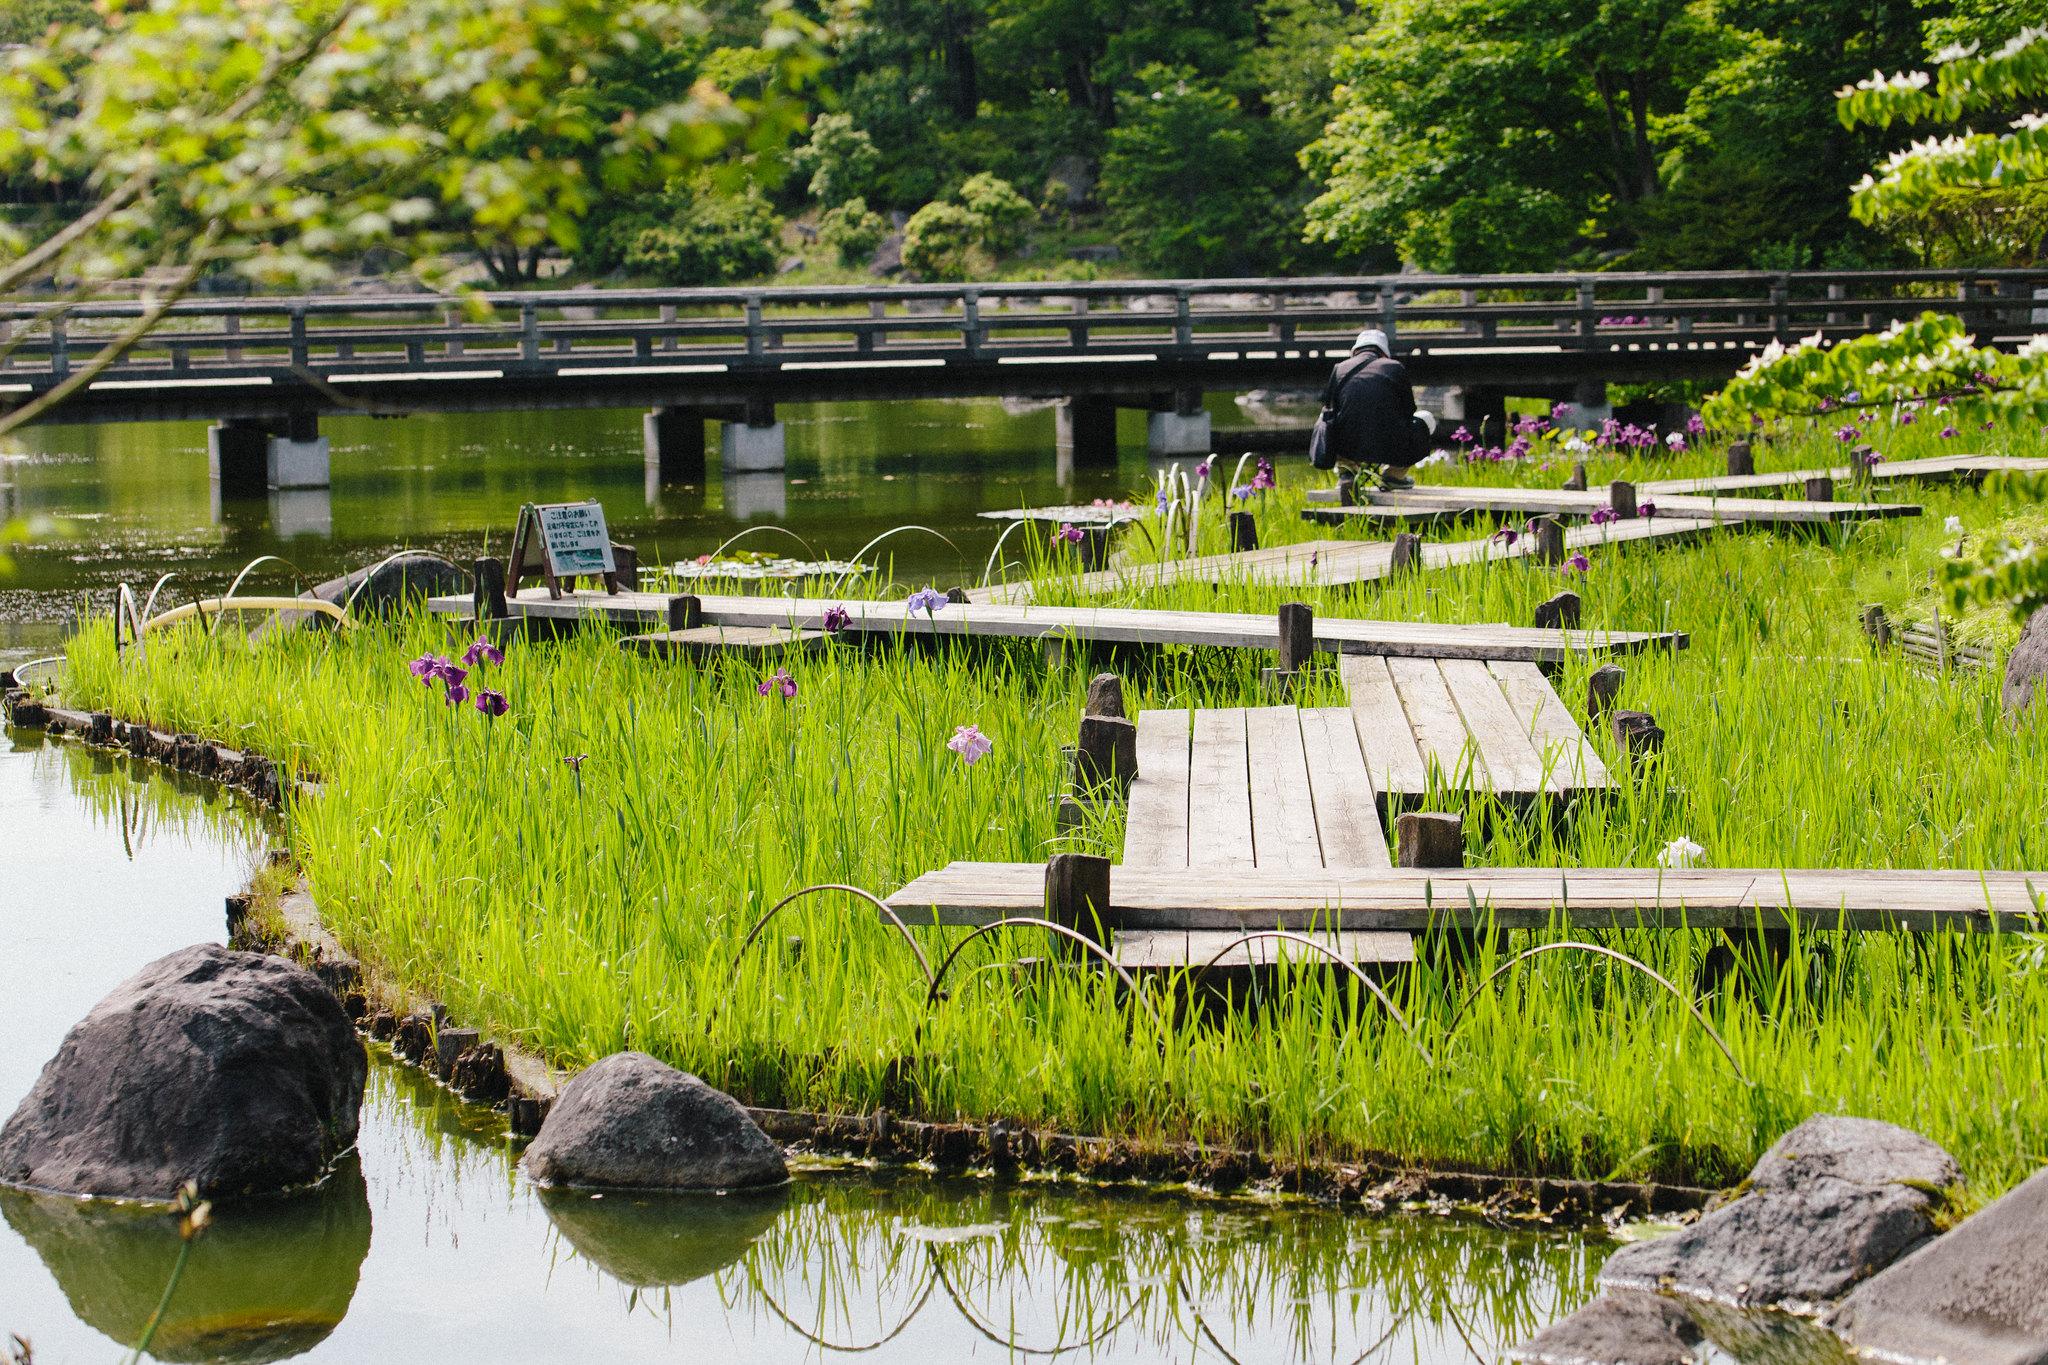 2016-05-31 昭和記念公園 001-5